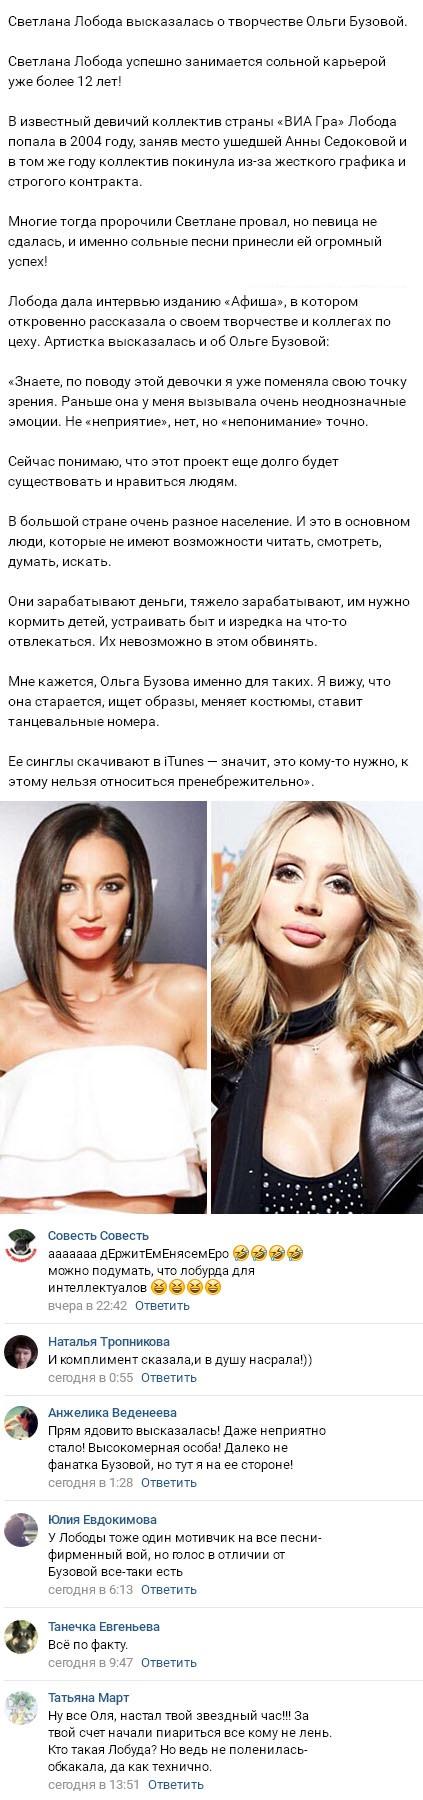 Светлана Лобода не упустила возможности брызнуть ядом в Ольгу Бузову